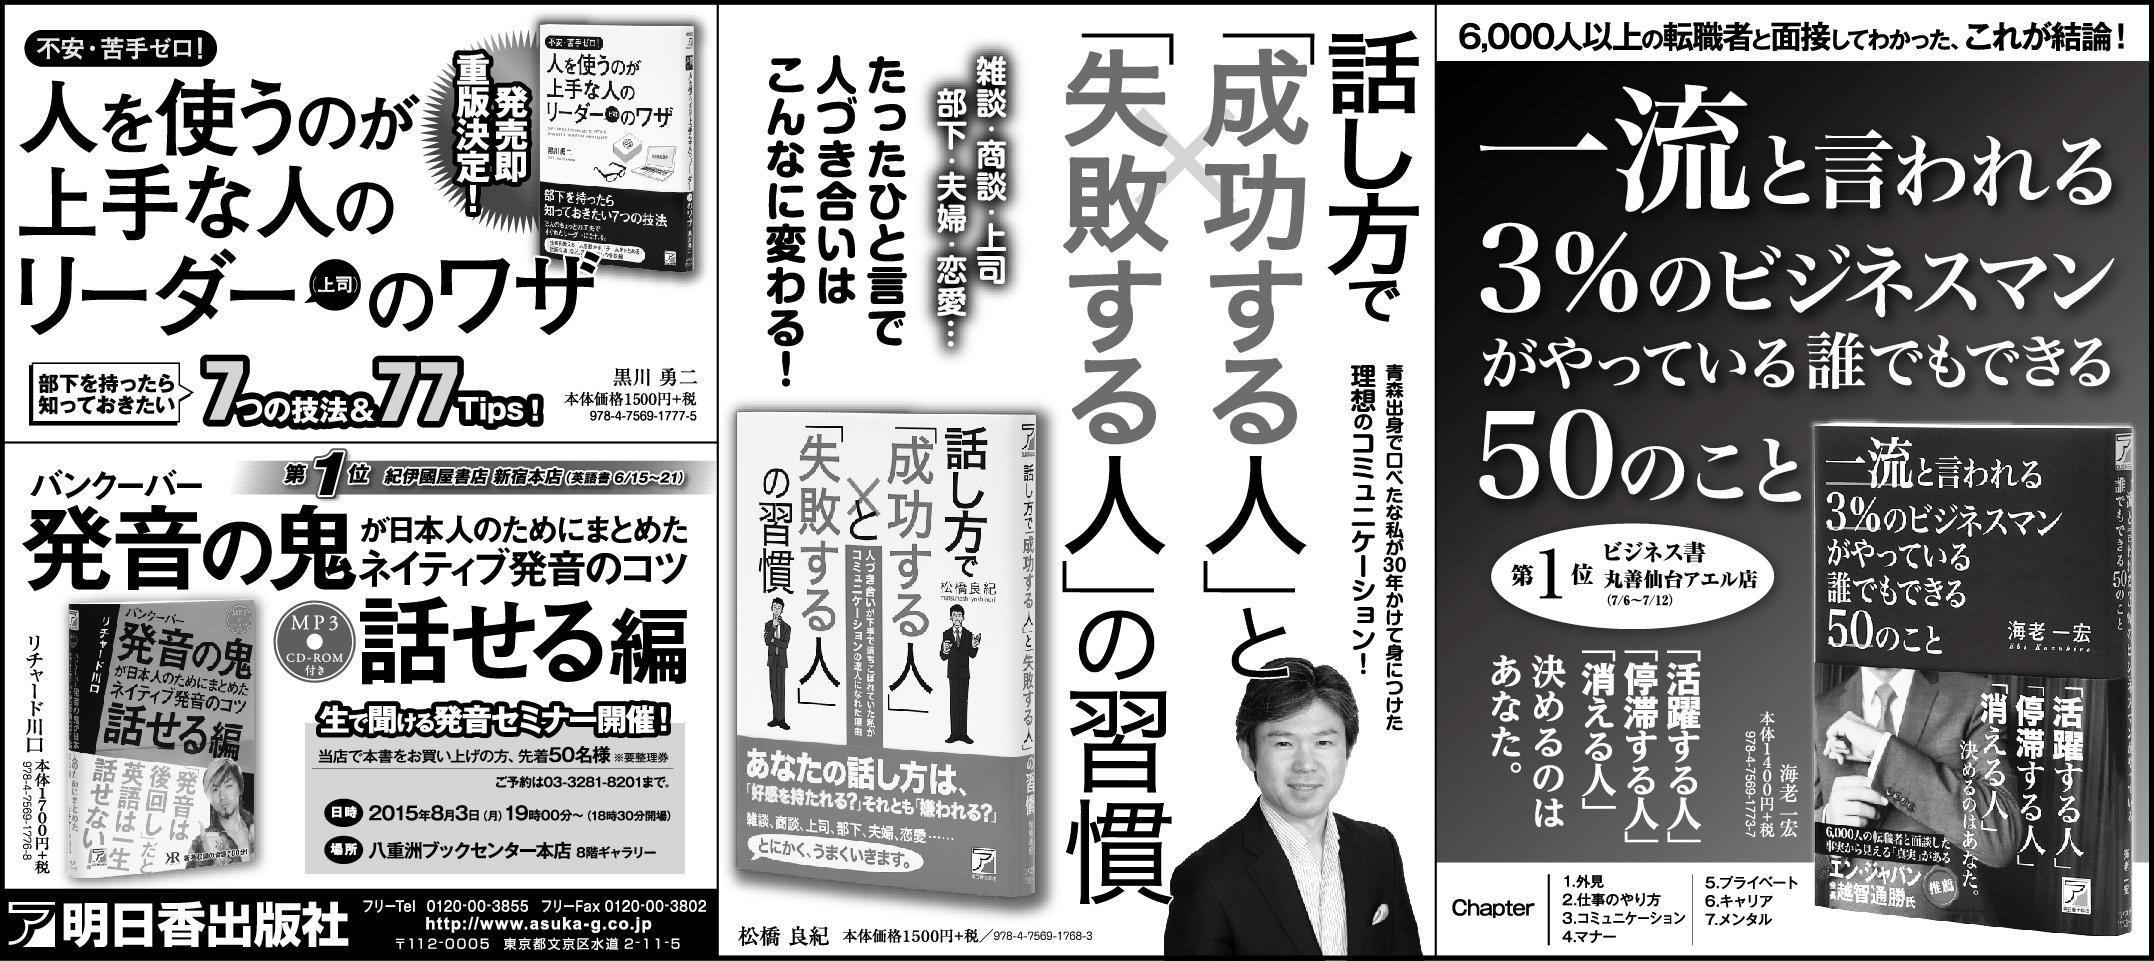 日経新聞にも掲載されました!